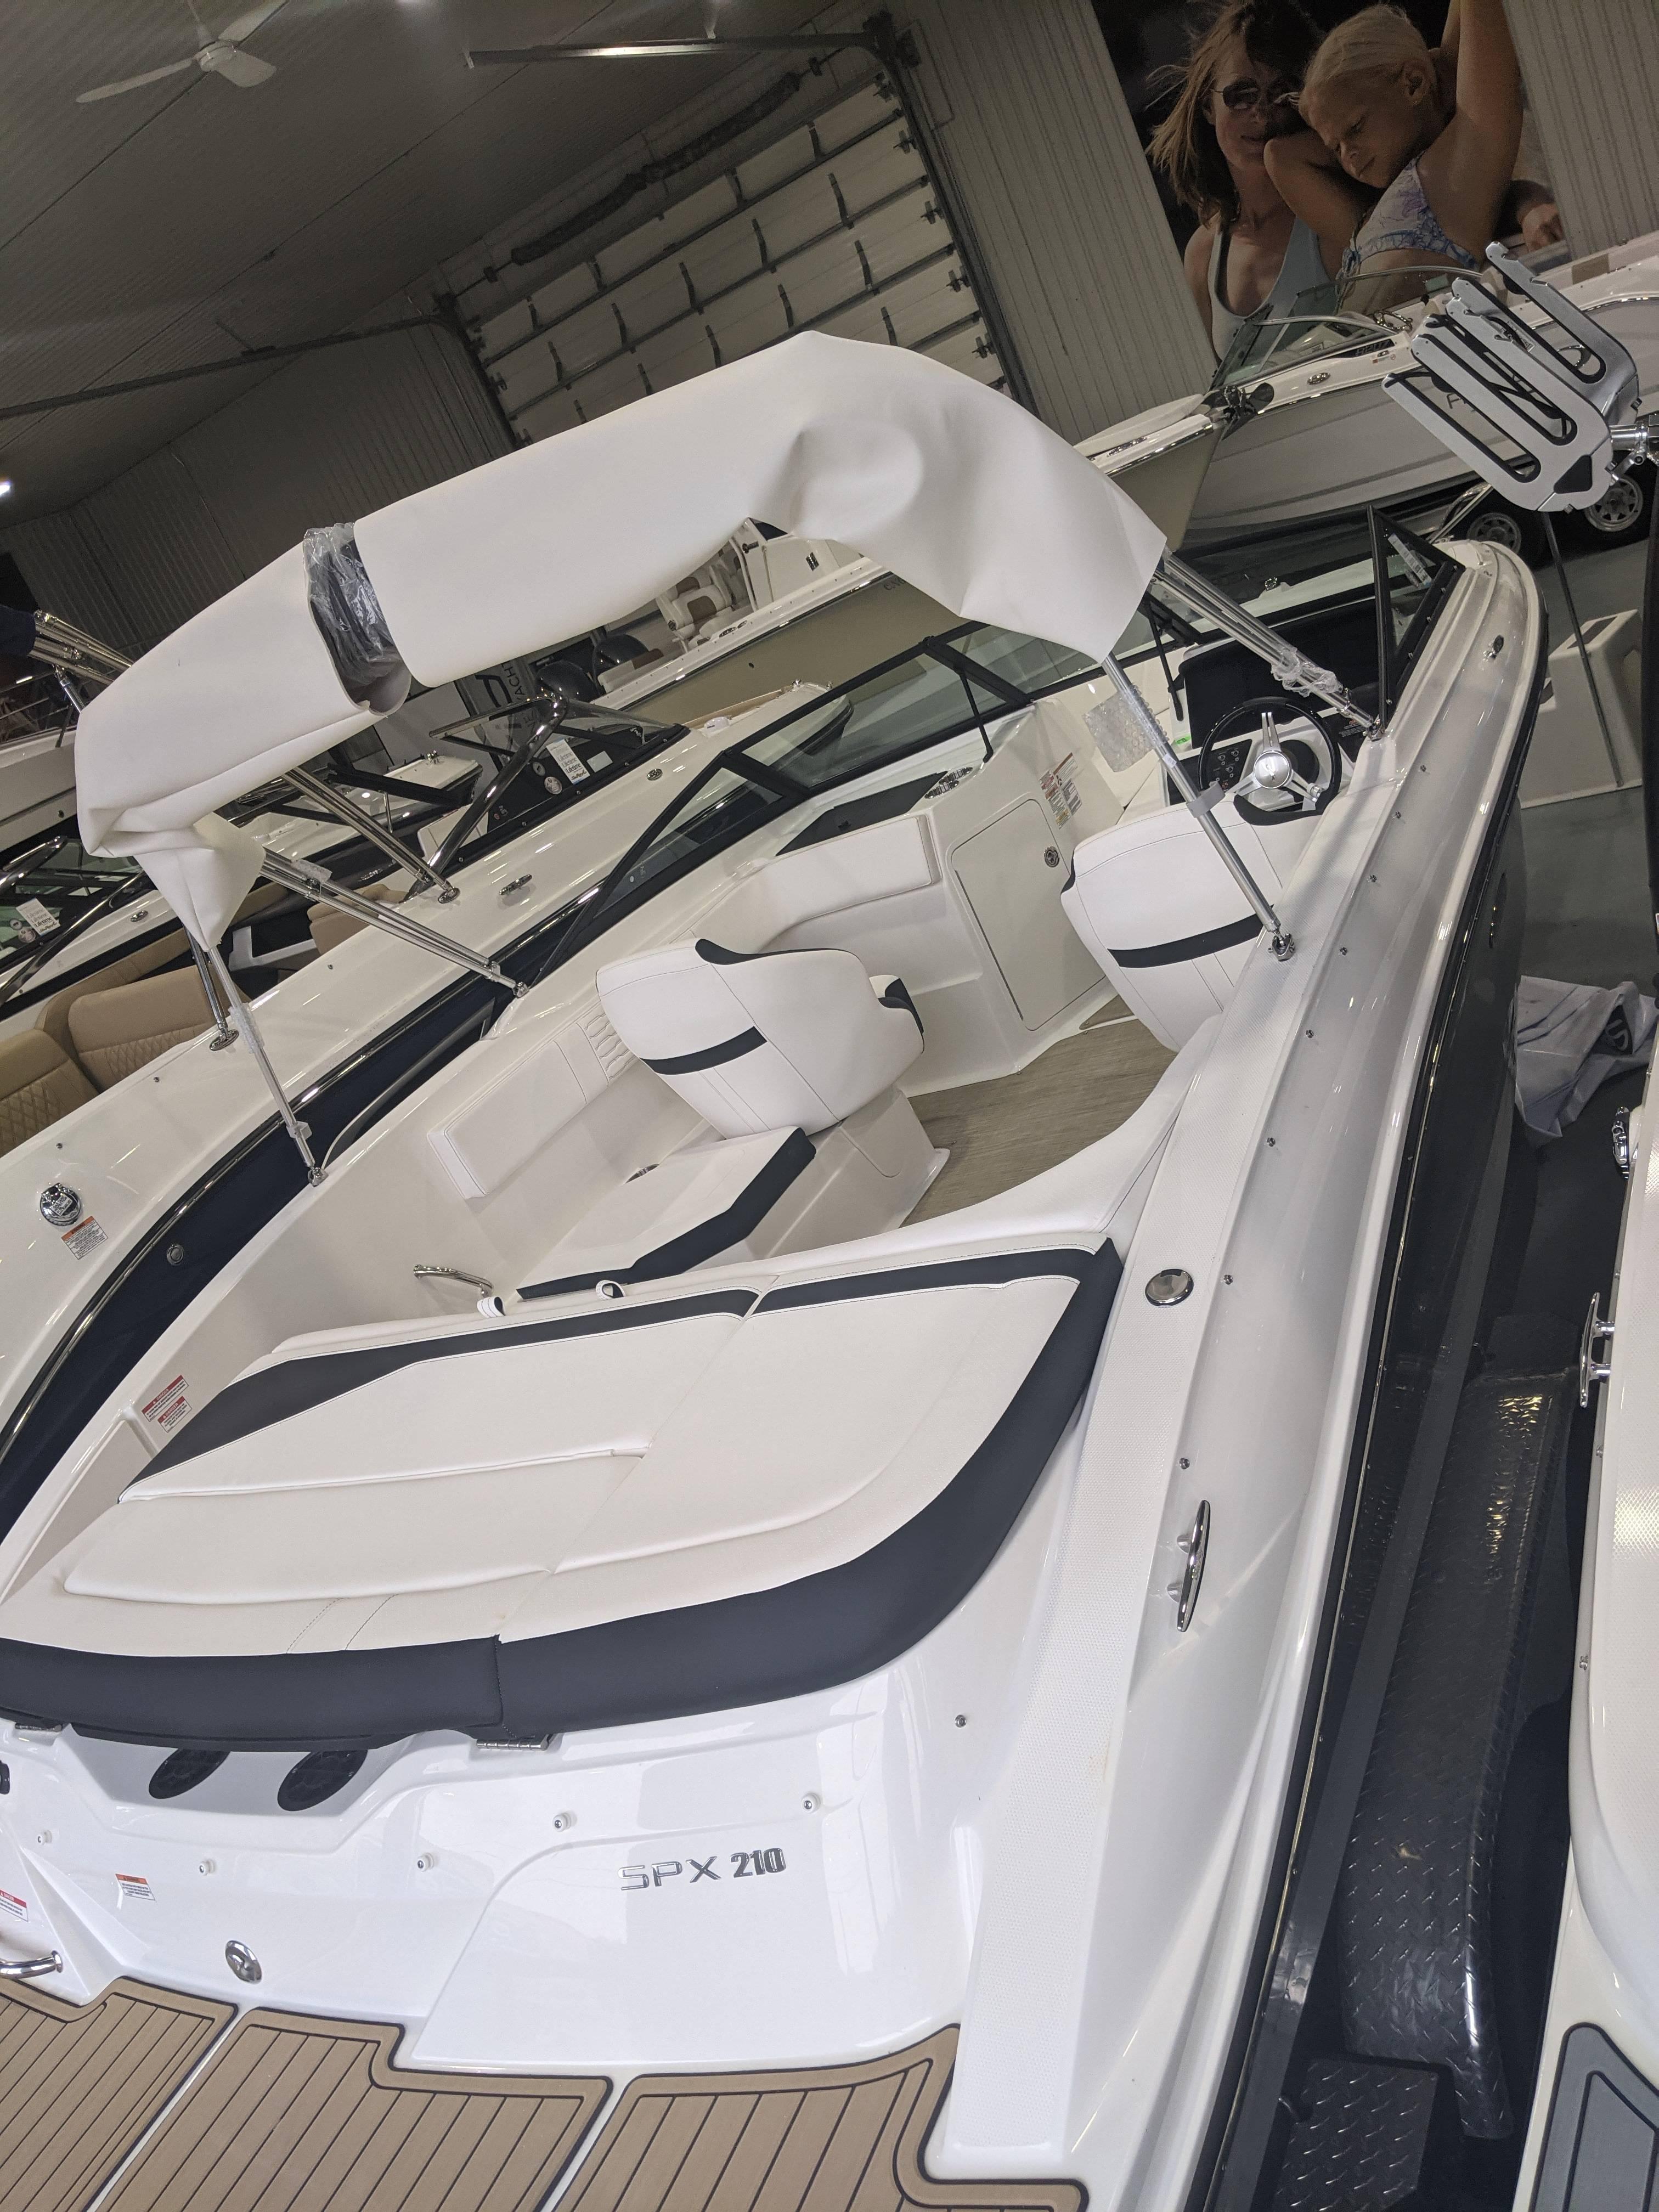 New 2021 SEA RAY SPX 210